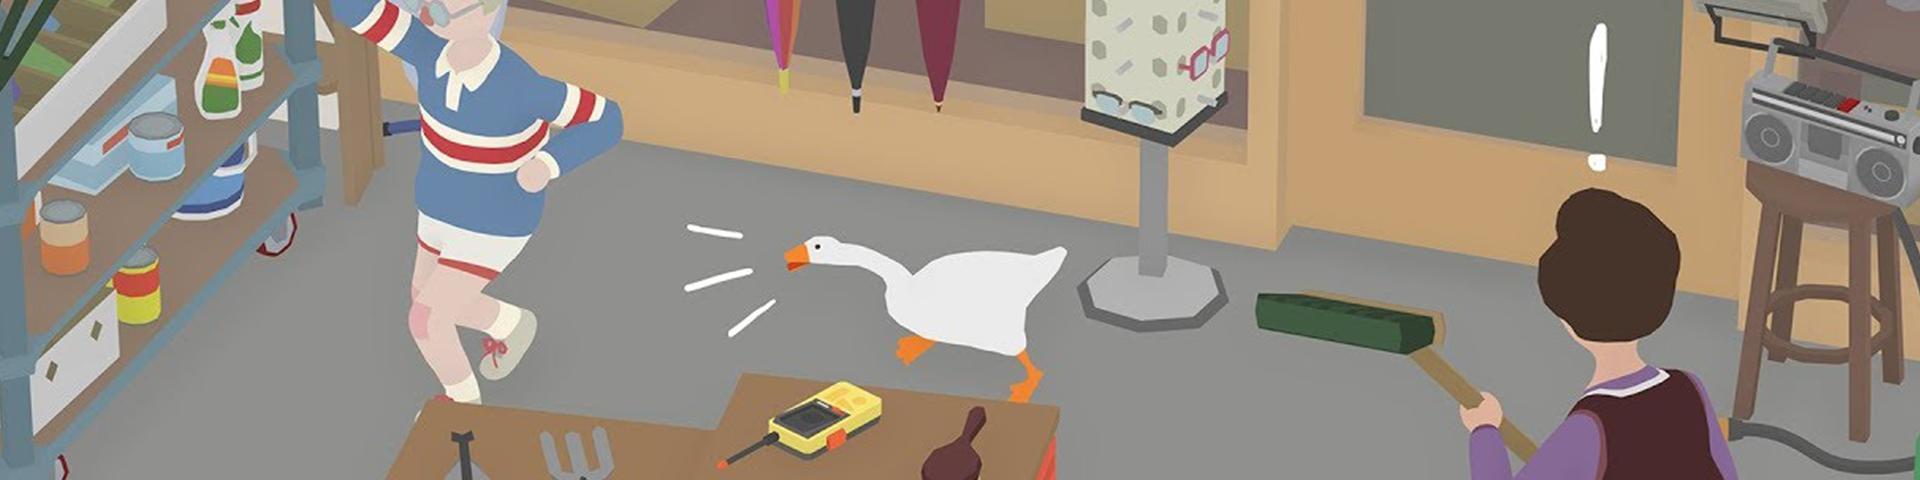 Untitled Goose Game Header.png